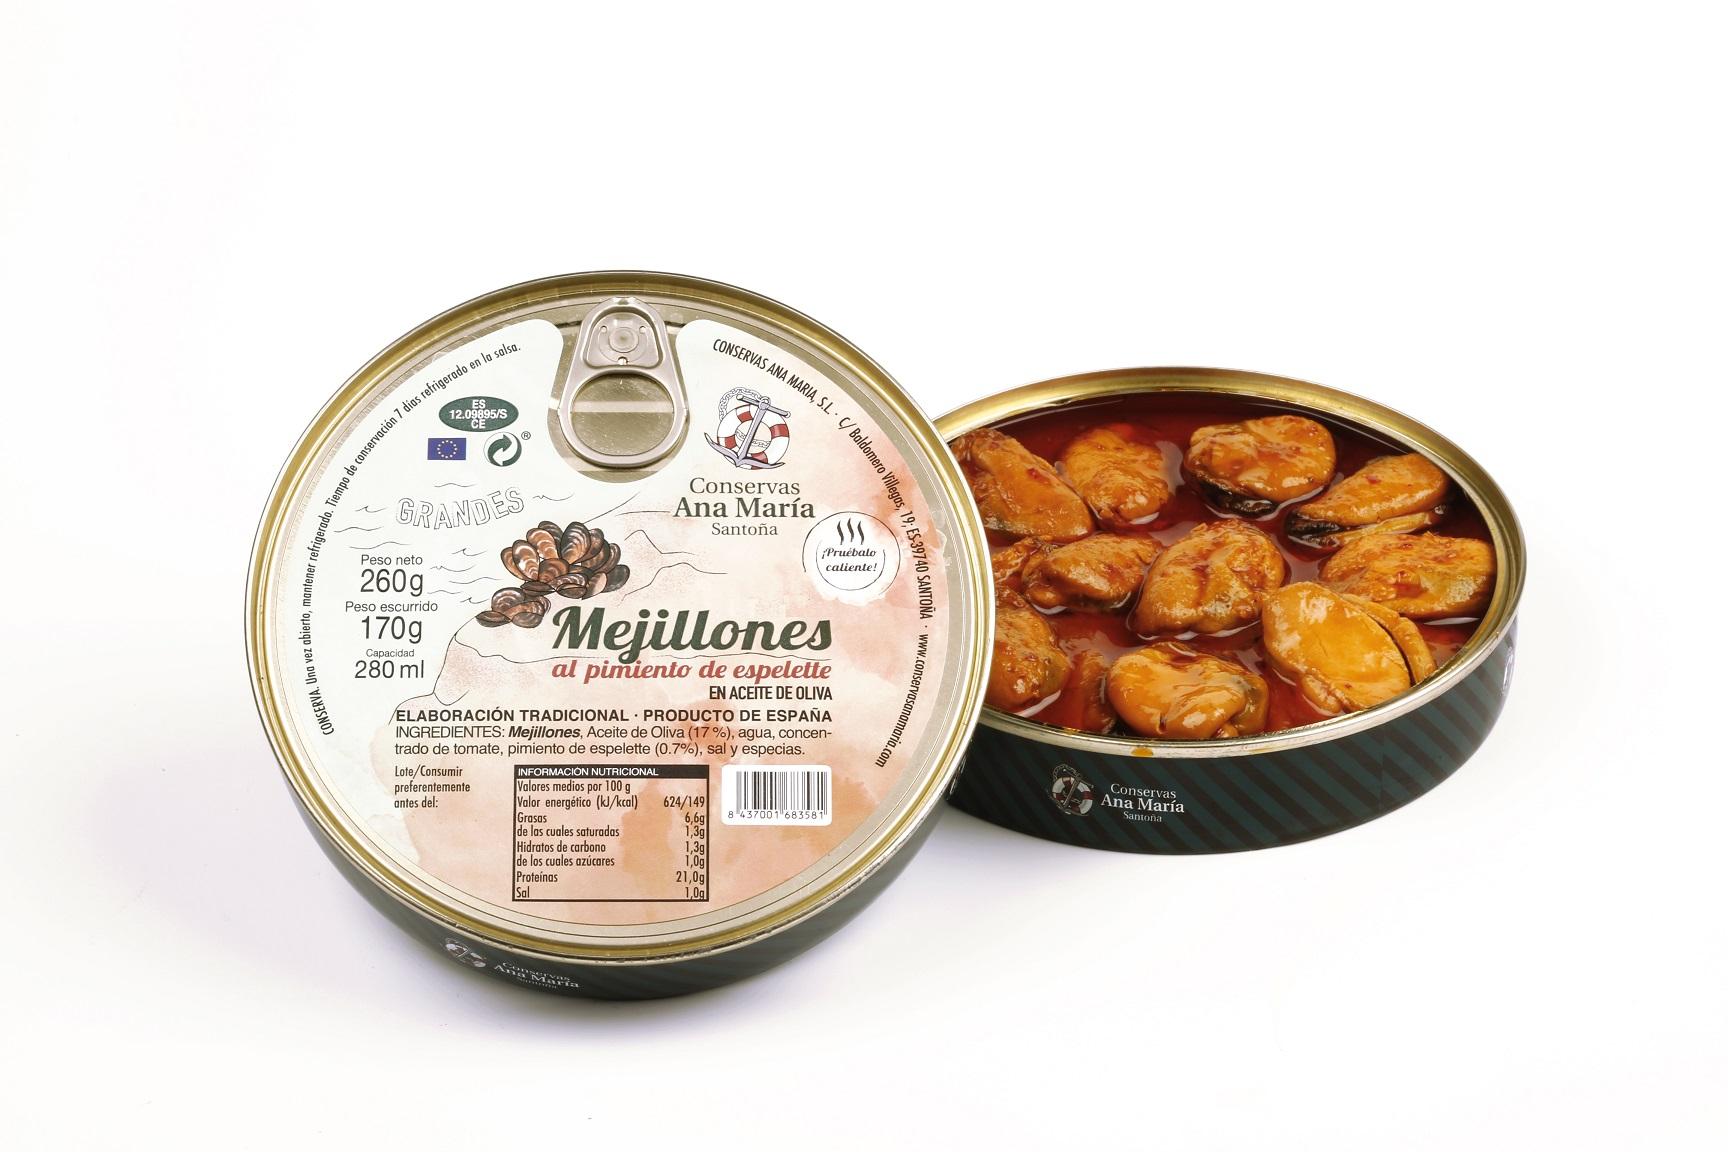 PA MEJILLONES EN SALSA DE PIMIENTO DE ESPELETTE 280 ml.